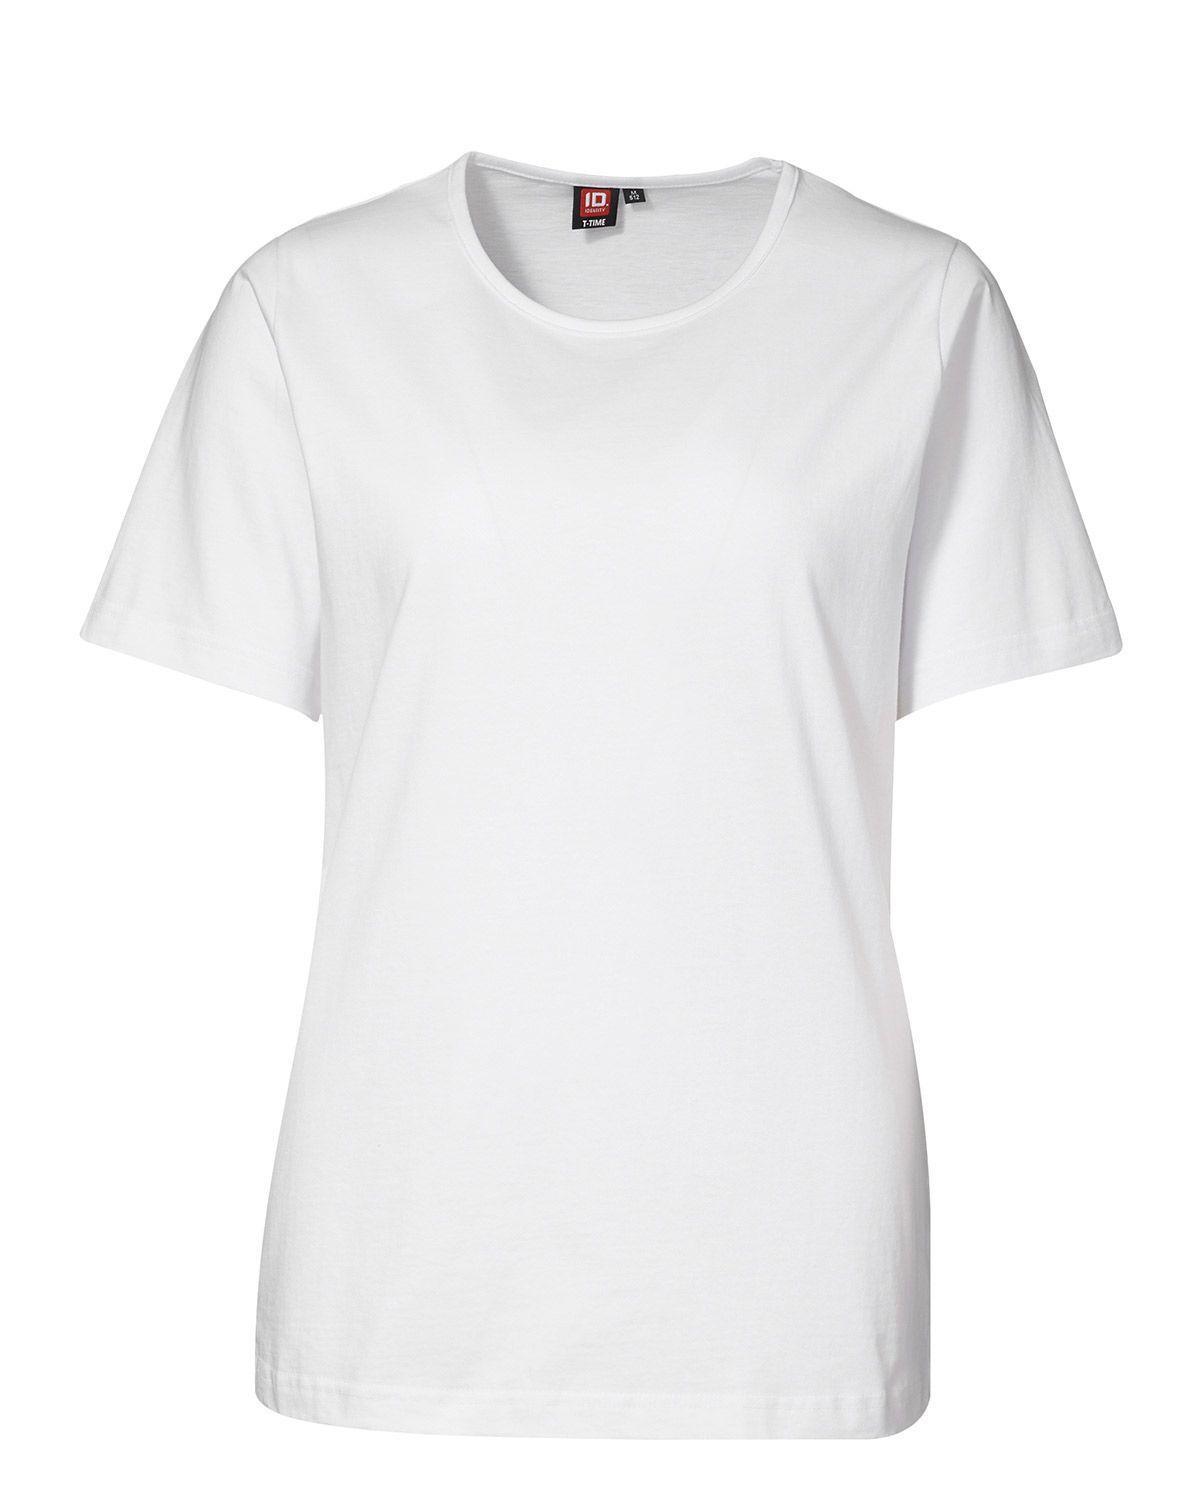 ID T-TIME T-shirt til Kvinder (Hvid, 2XL)